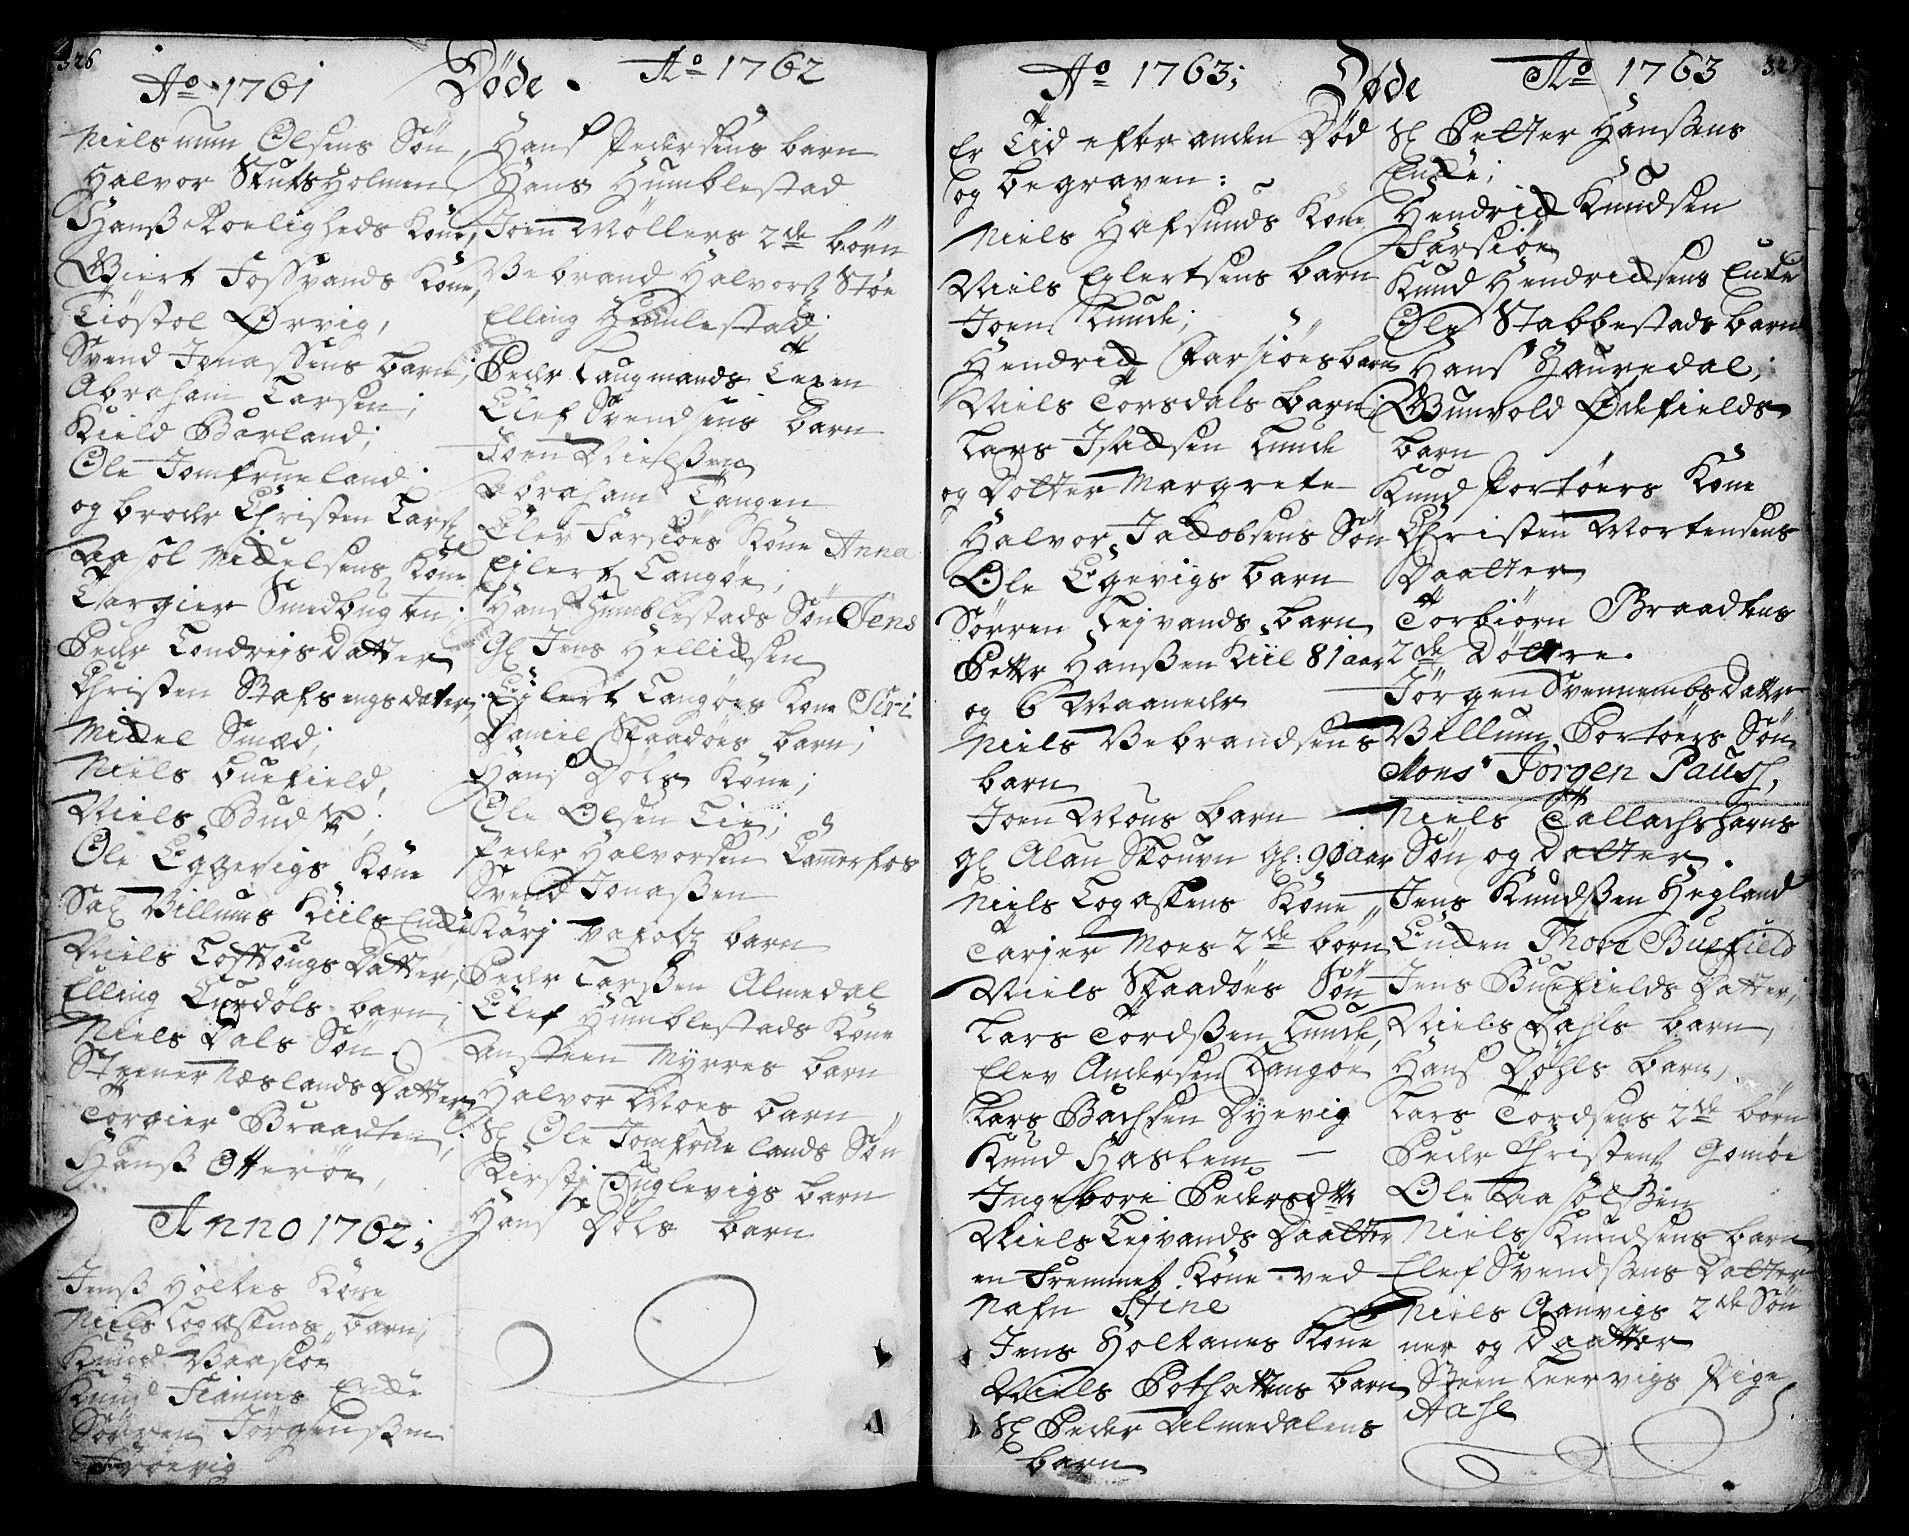 SAKO, Sannidal kirkebøker, F/Fa/L0001: Ministerialbok nr. 1, 1702-1766, s. 326-327